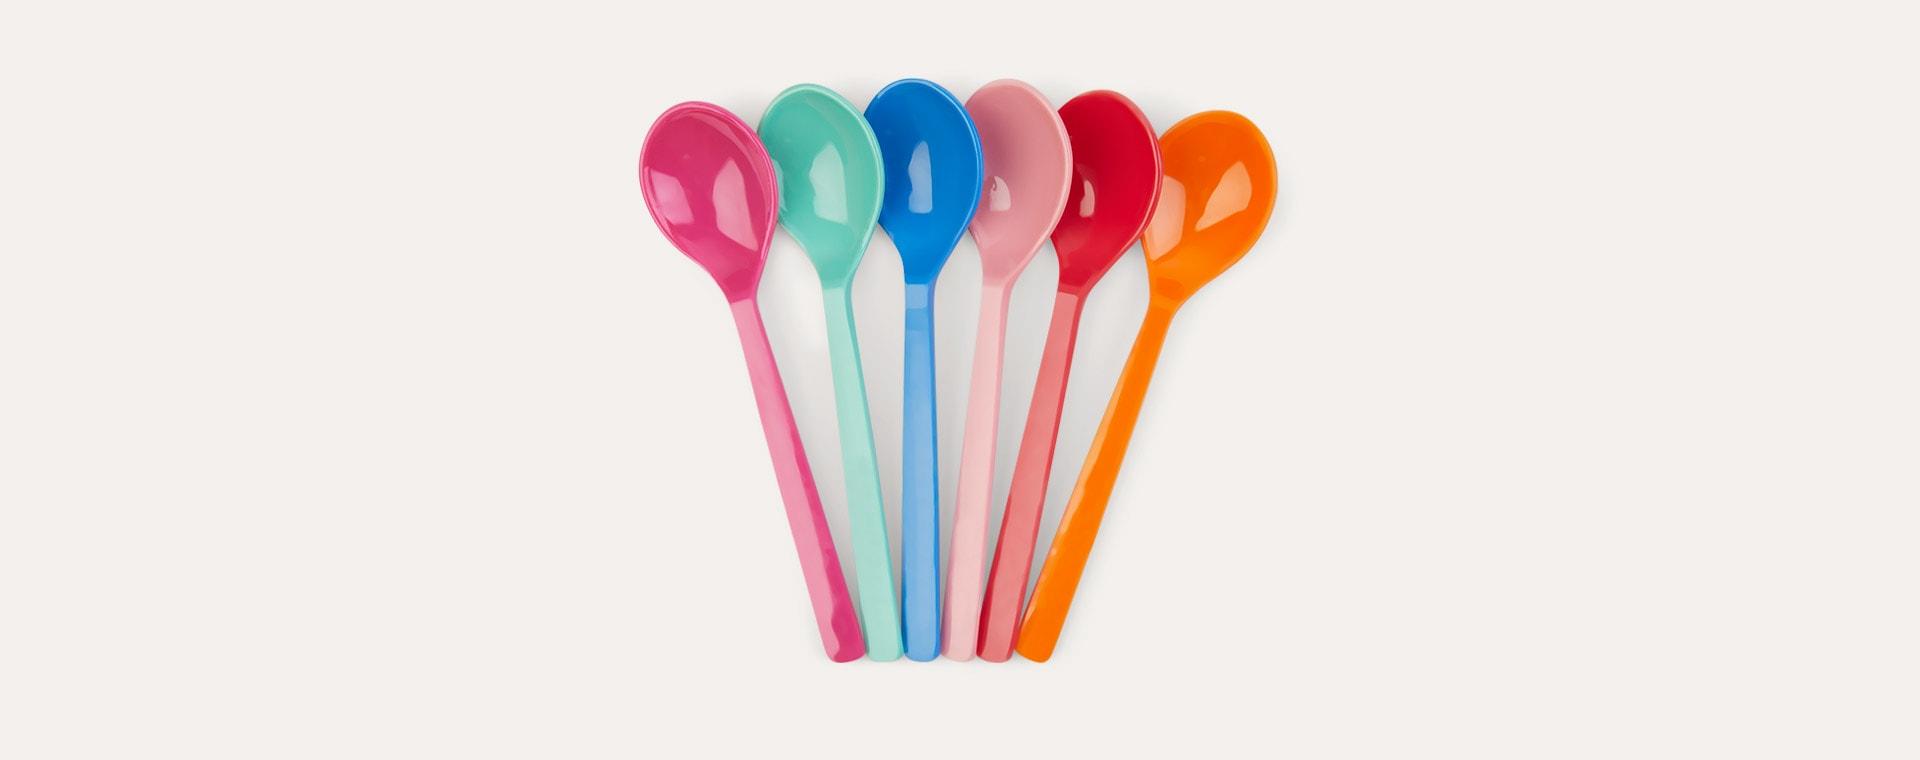 Choose Happy Spoons Rice 6-Pack Melamine Cutlery